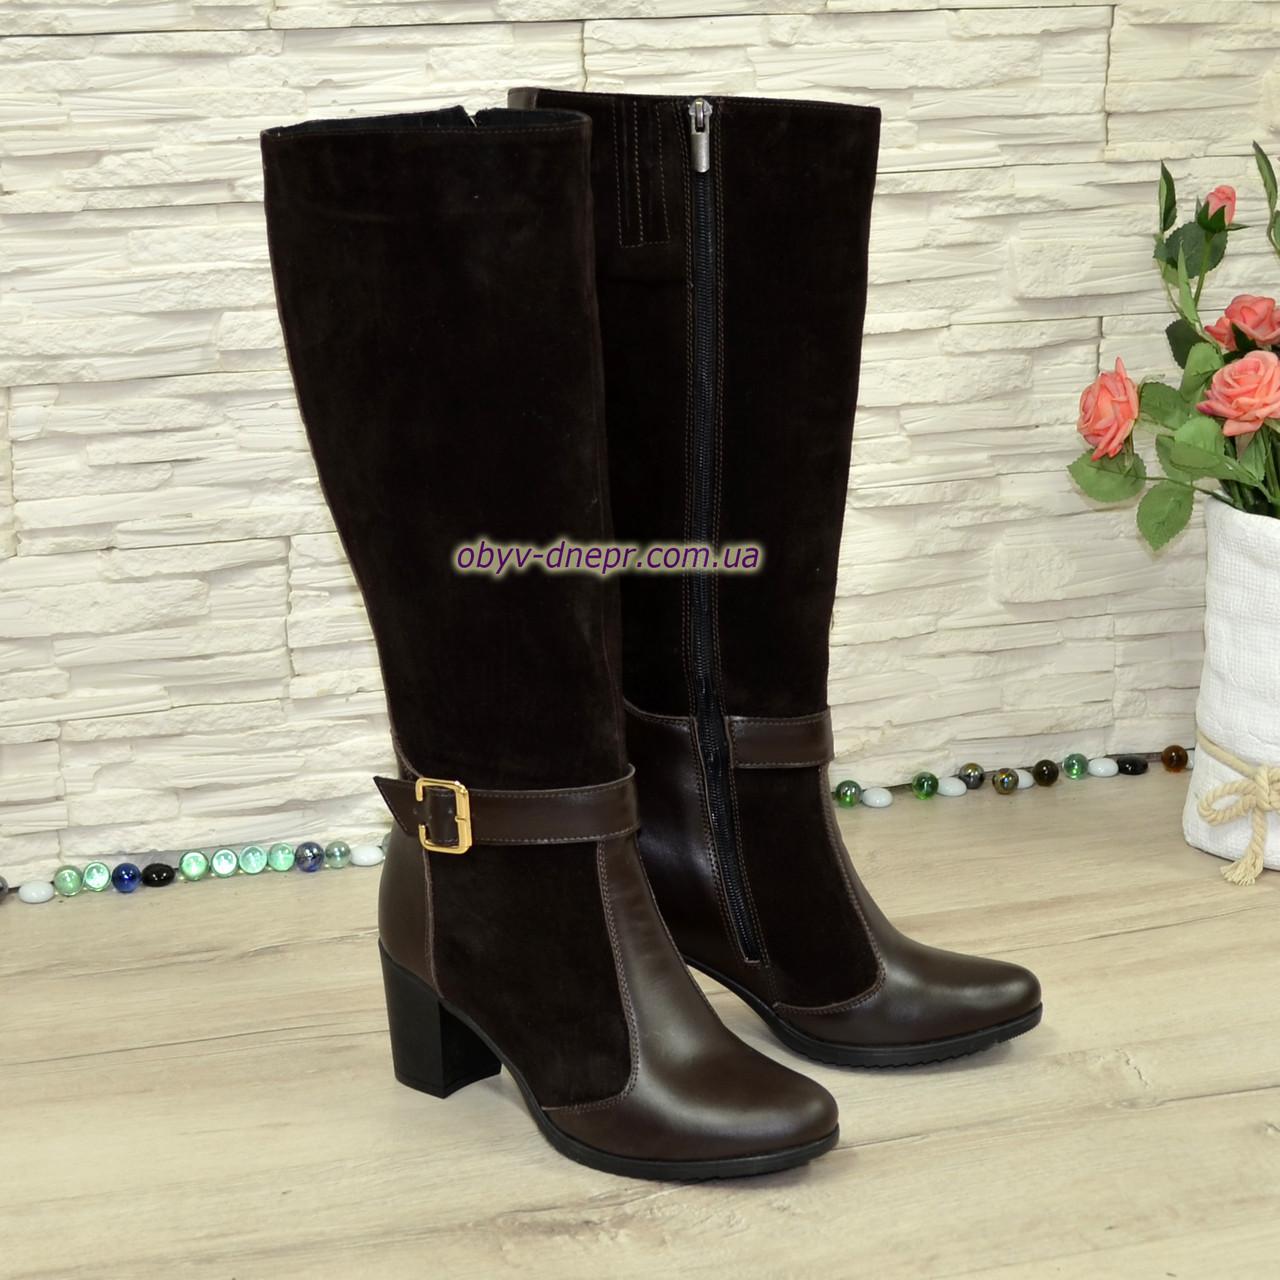 Сапоги женские комбинированные на невысоком каблуке, натуральная кожа и замша. Батал! 36 размер, голень 40 см